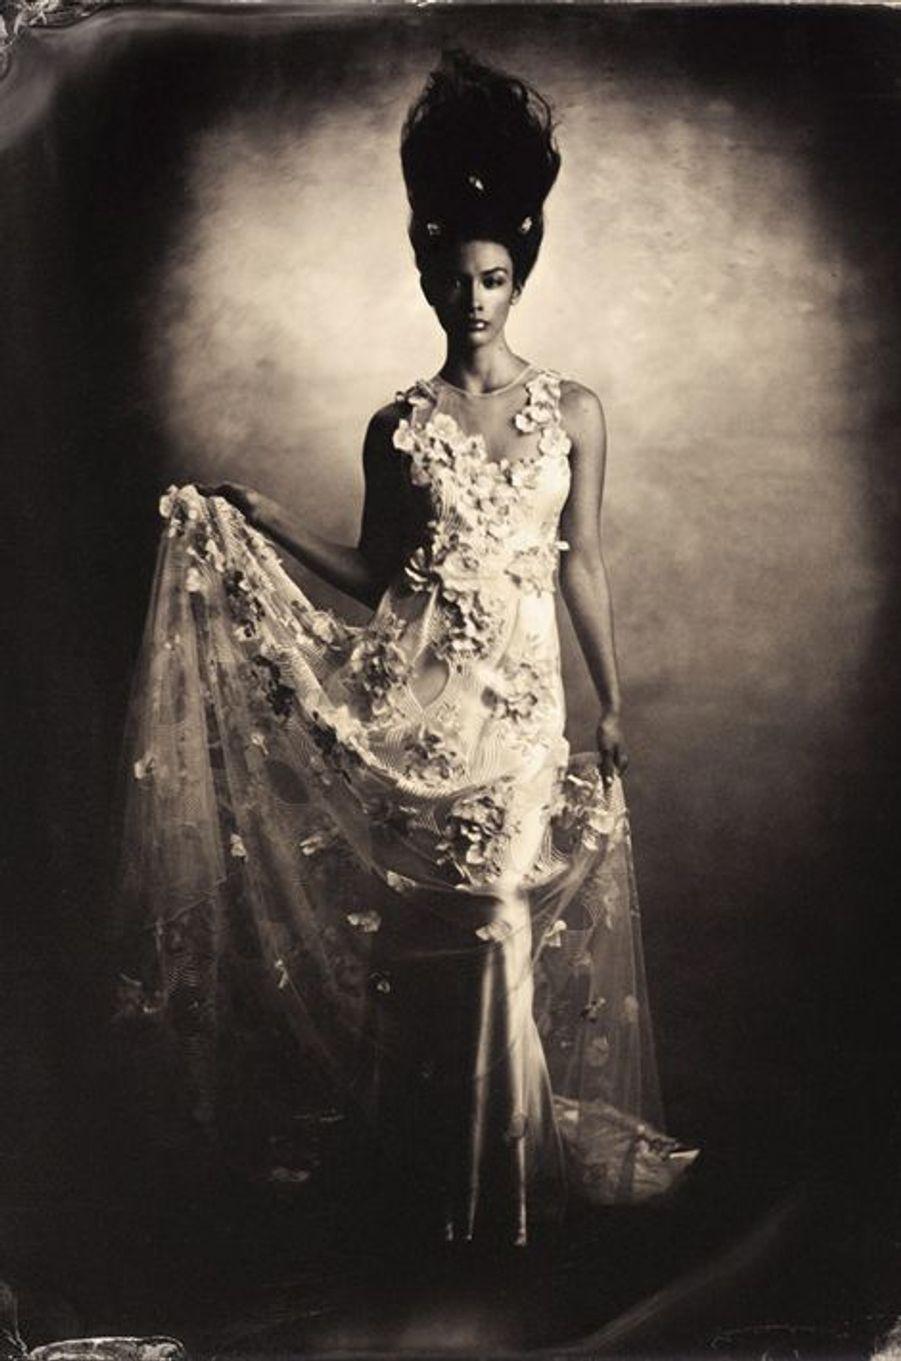 """«Photo inspirée de """"la mariée de Frankenstein"""", version Pompadour. Top-model: Karly McNeil, robe nuptiale par Elizabeth Fillmore, coiffure et maquillage par Jerry Lopez. La toile de fond est de Charles Broderson, conçue par Cynthia Altoriso. 2014»"""